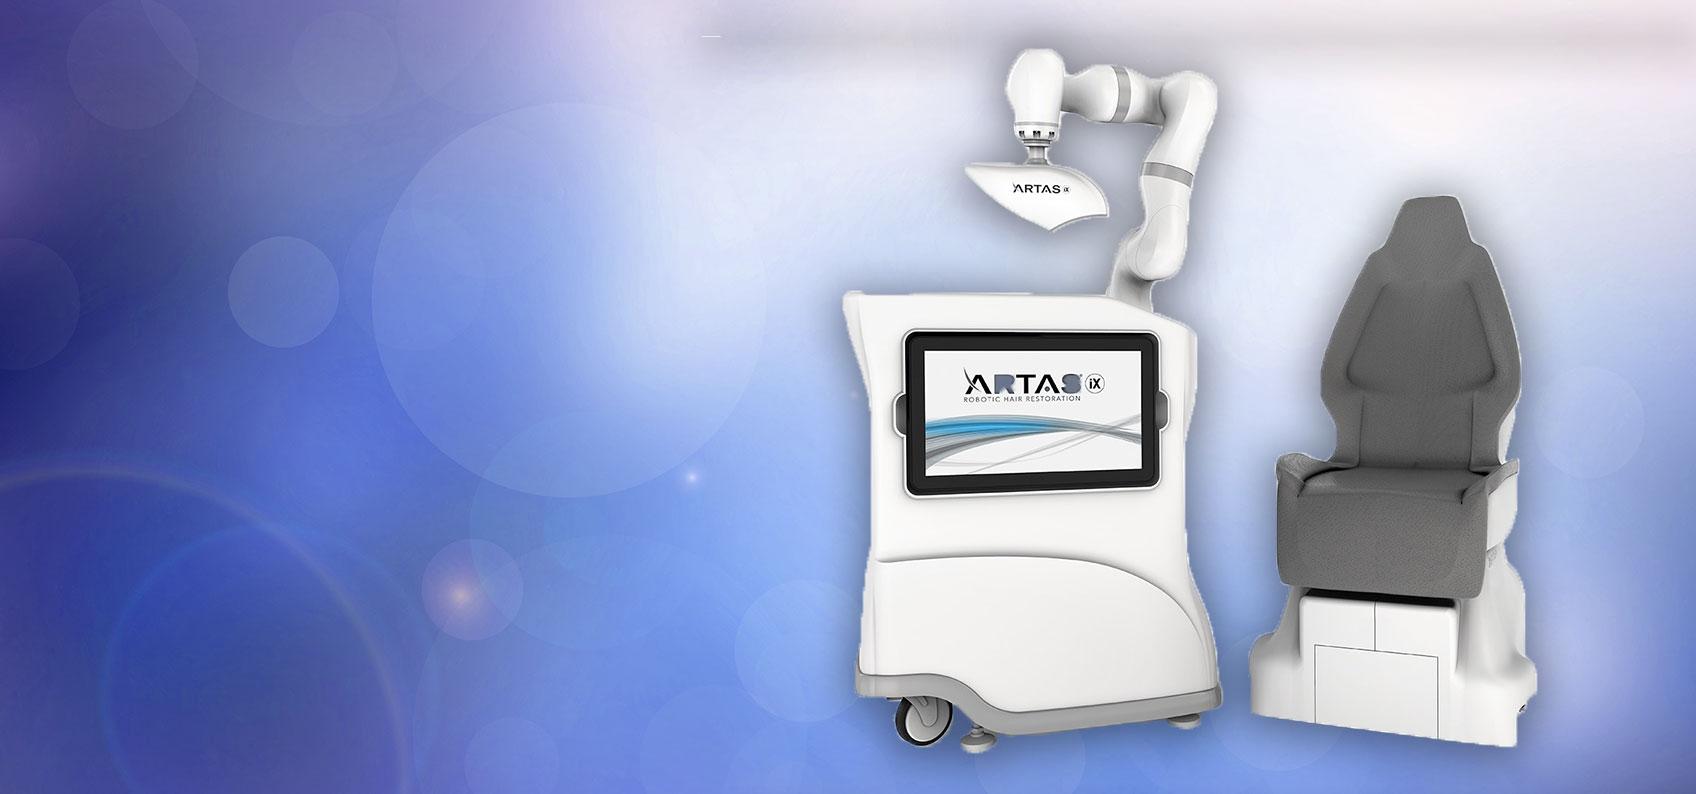 artas hair restoration header image